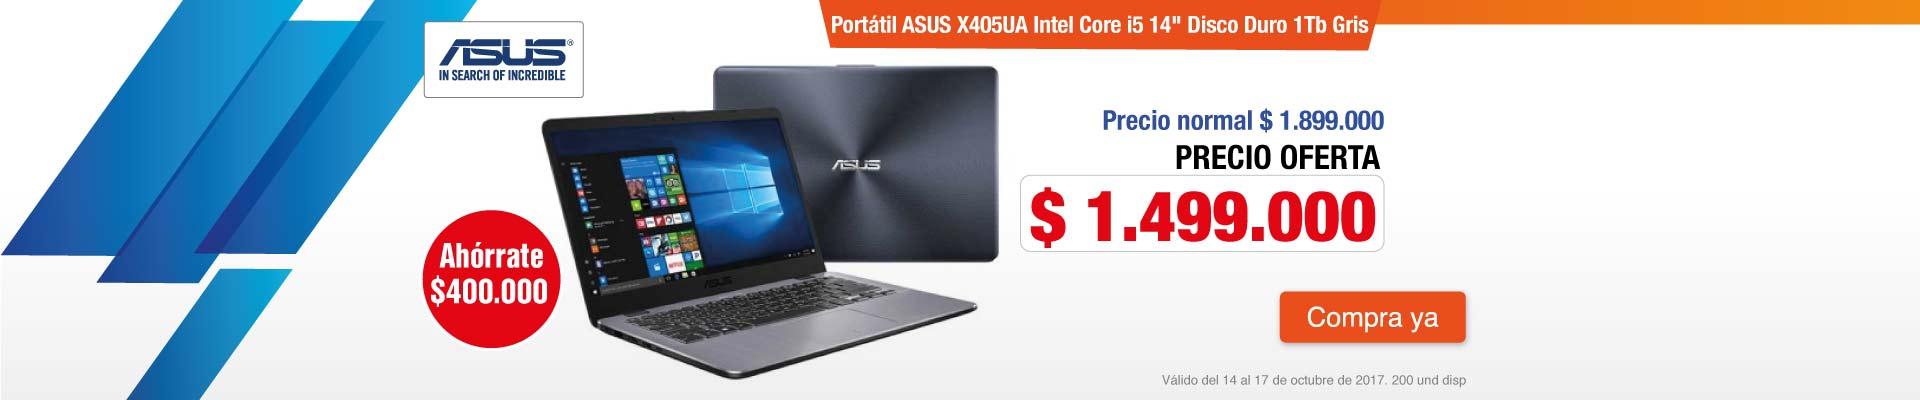 PPAL AK-2-computadores-Portátil ASUS X405UA Intel Core i5 14